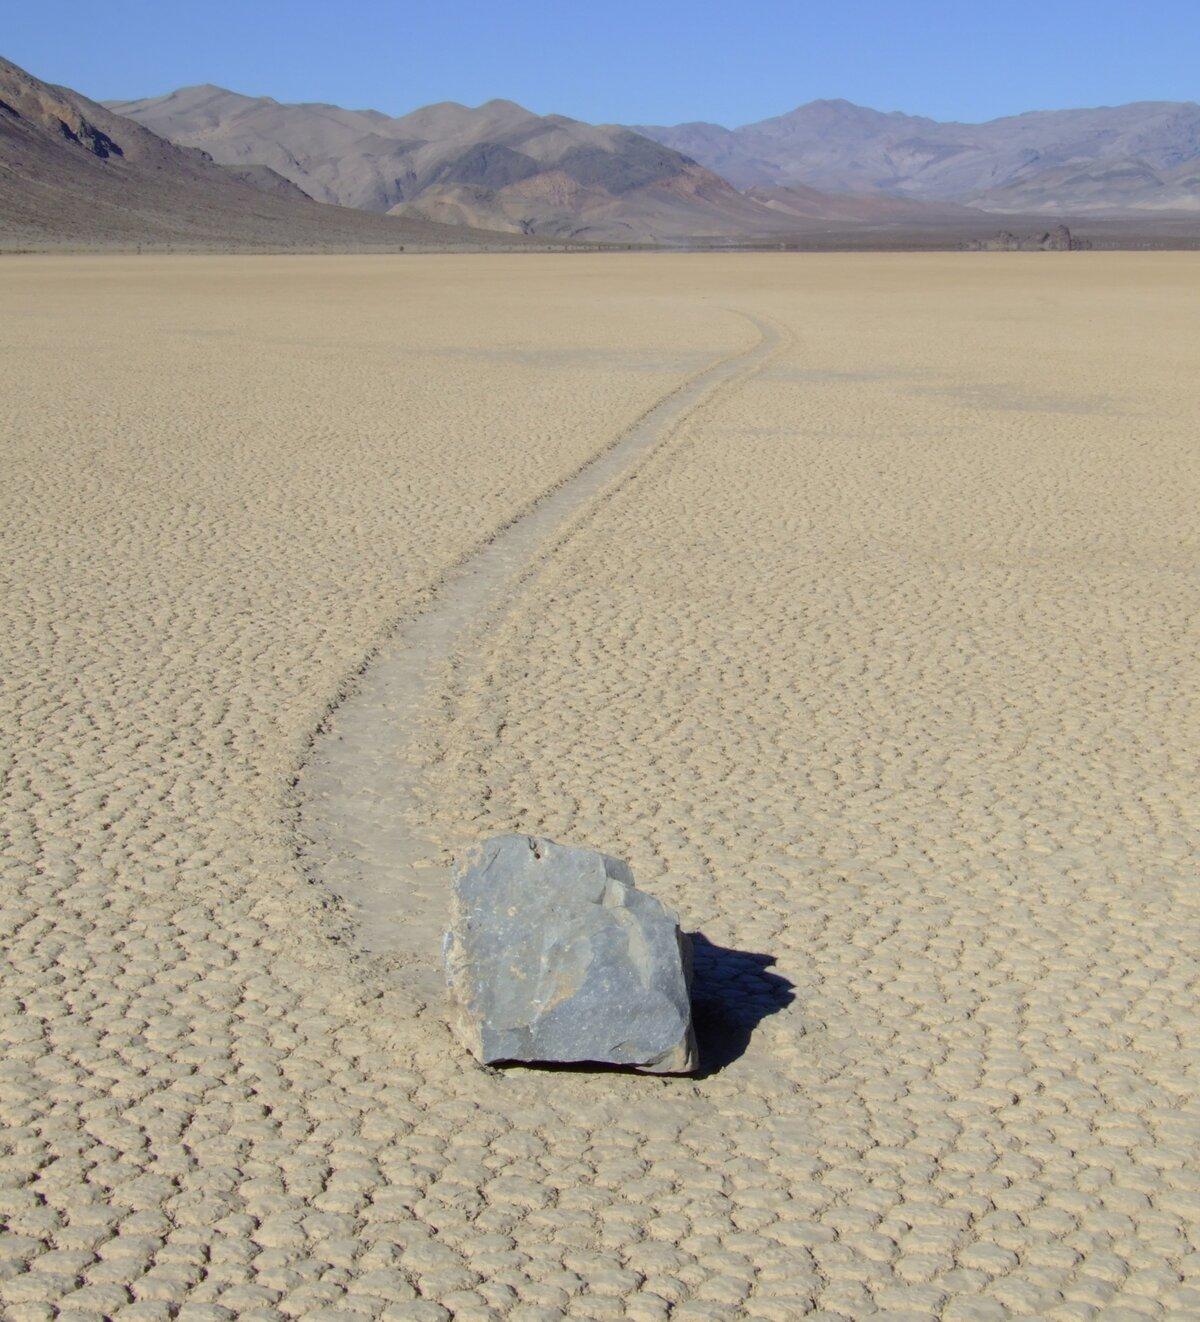 картинка движущийся камень очень